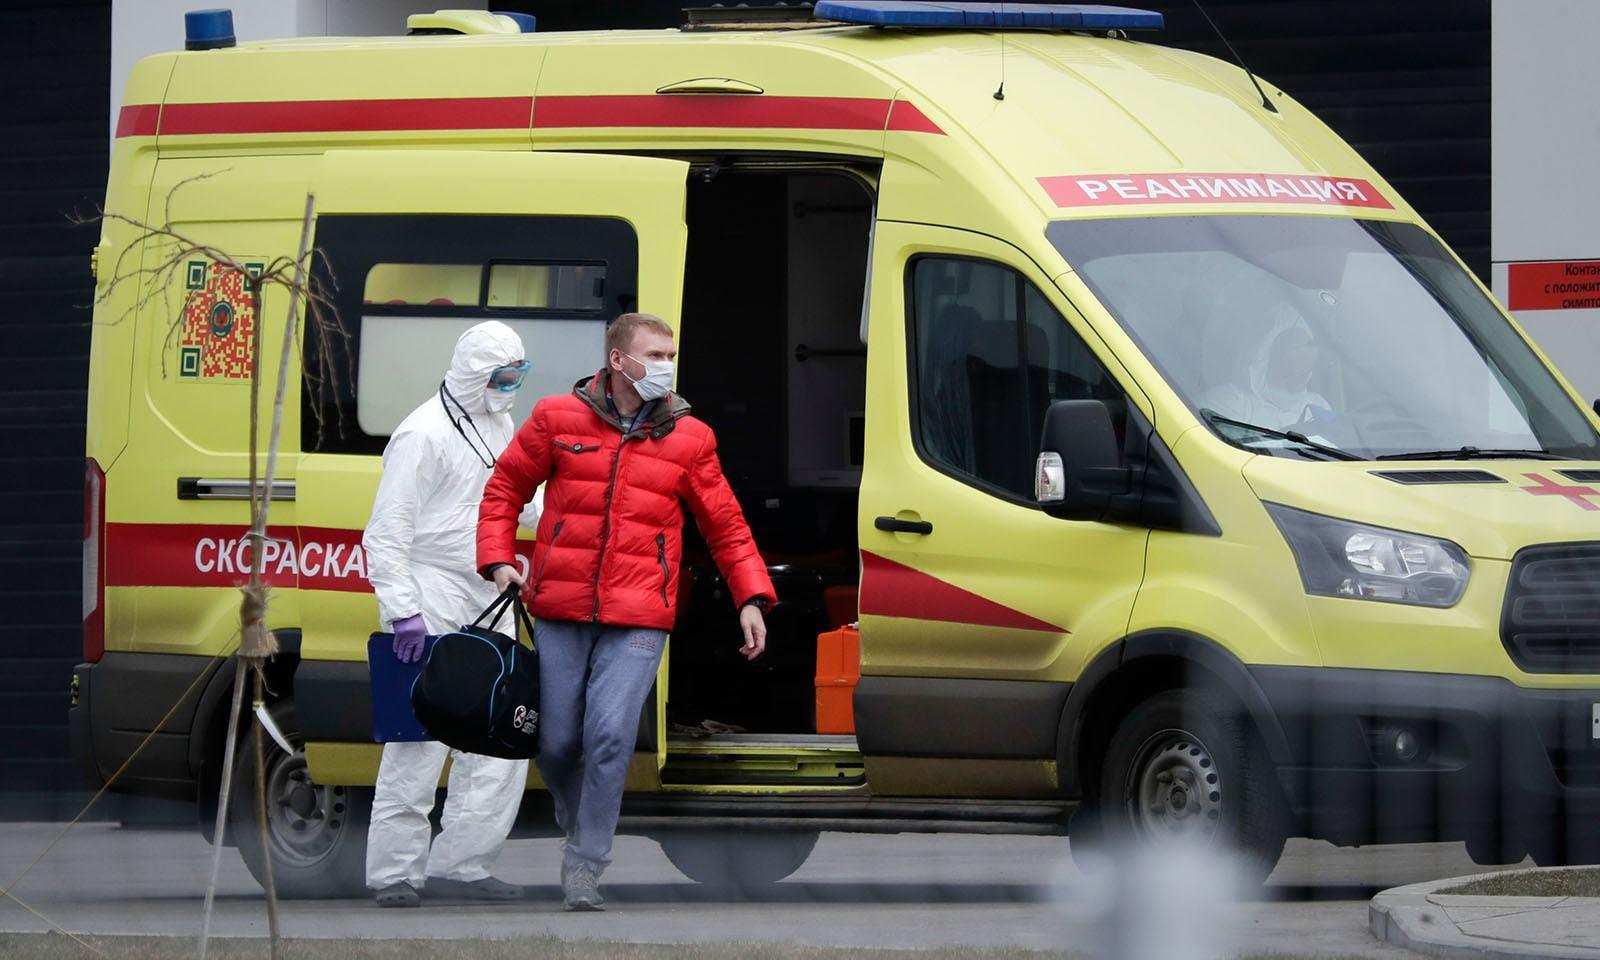 دنیا بھر میں کورونا کیسز کی تعداد 3 لاکھ سے زائد، ہلاکتیں 13ہزار سے تجاوز